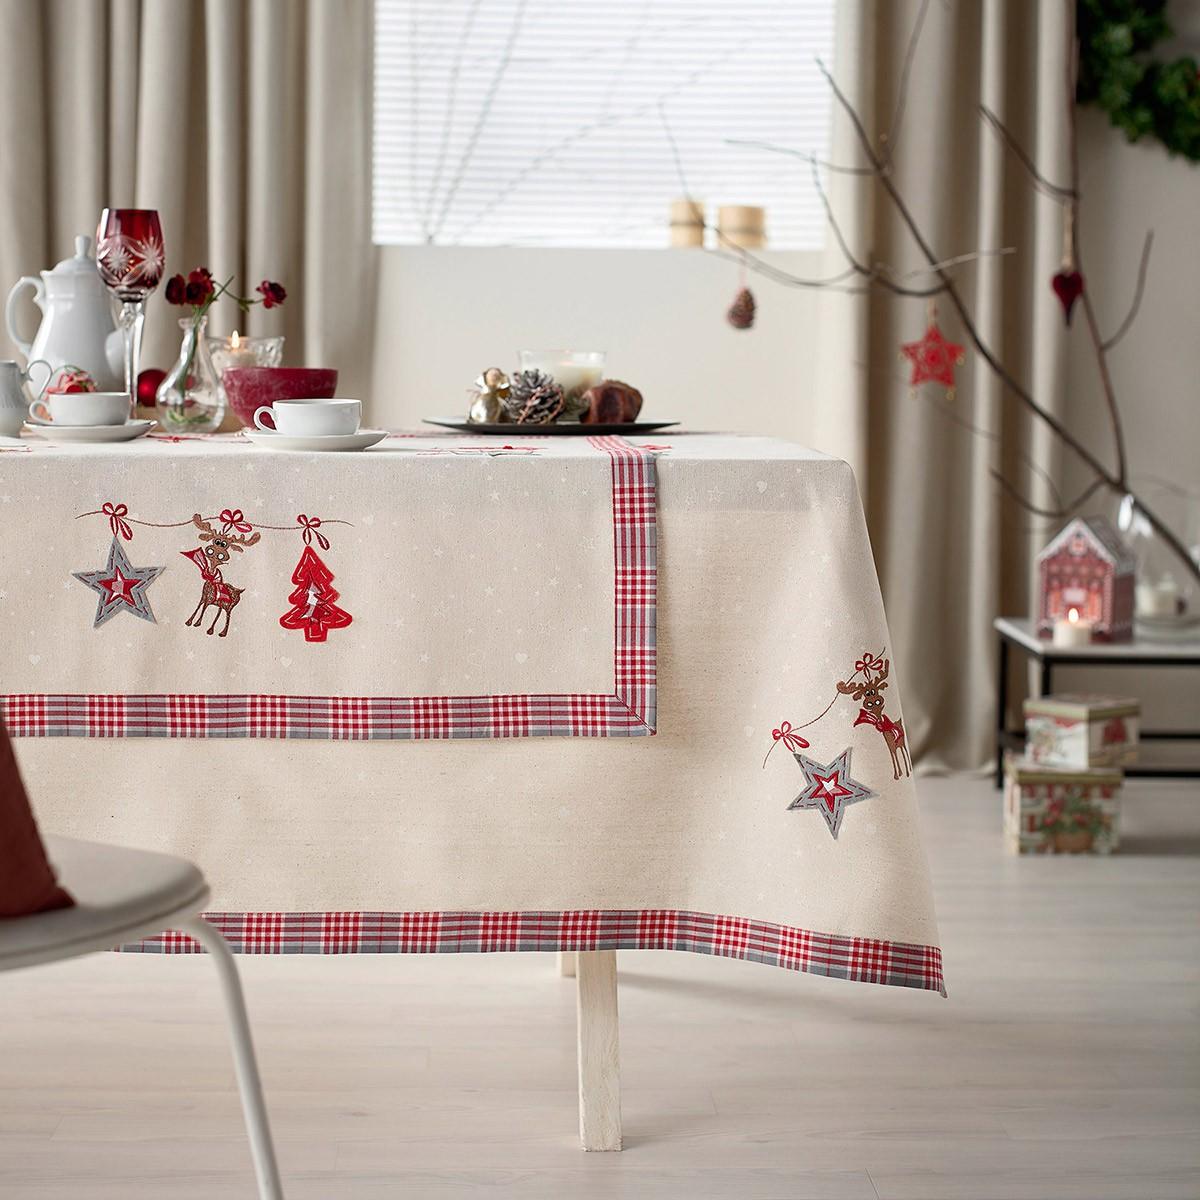 Χριστουγεννιάτικο Τραπεζομάντηλο (135x180) Gofis Home 336